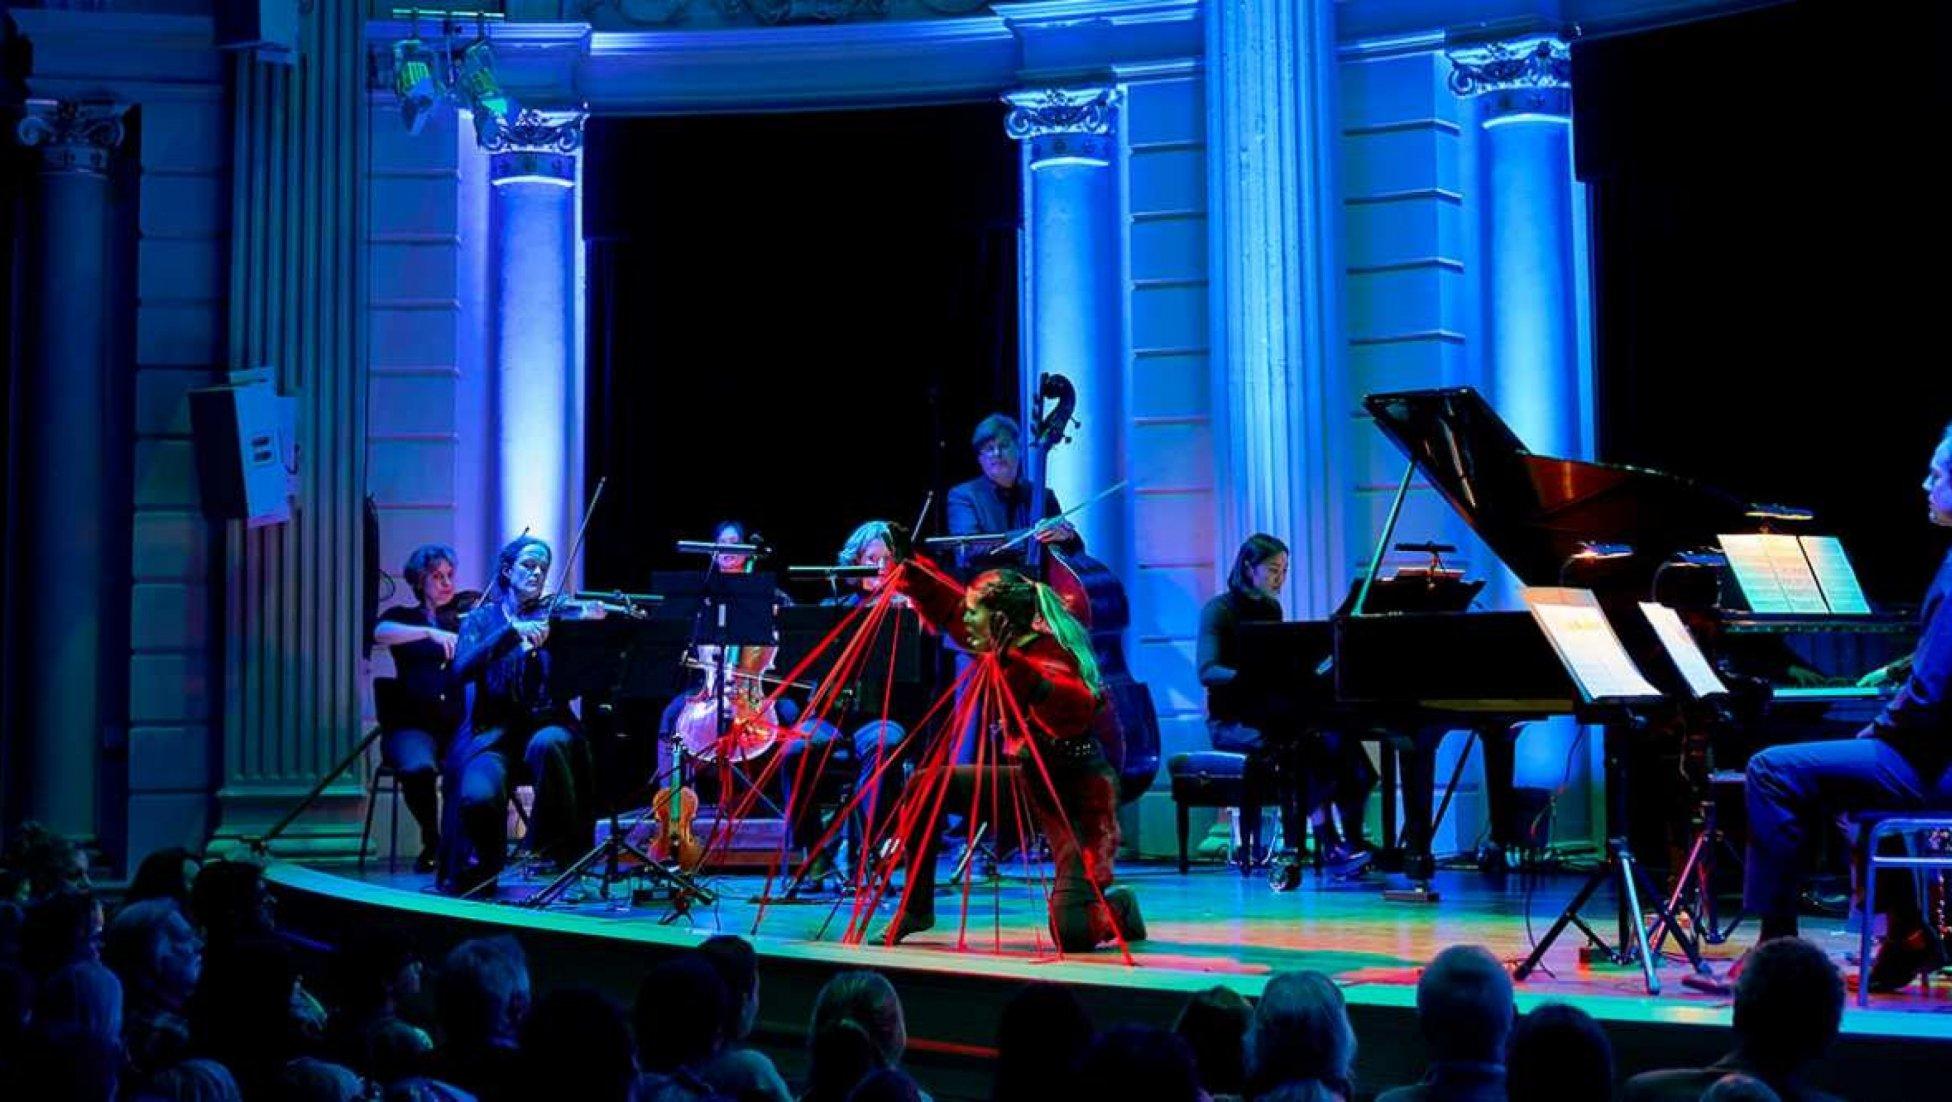 Familieconcert Concertgebouworkest: Tarantula en de dans der dieren (6+)